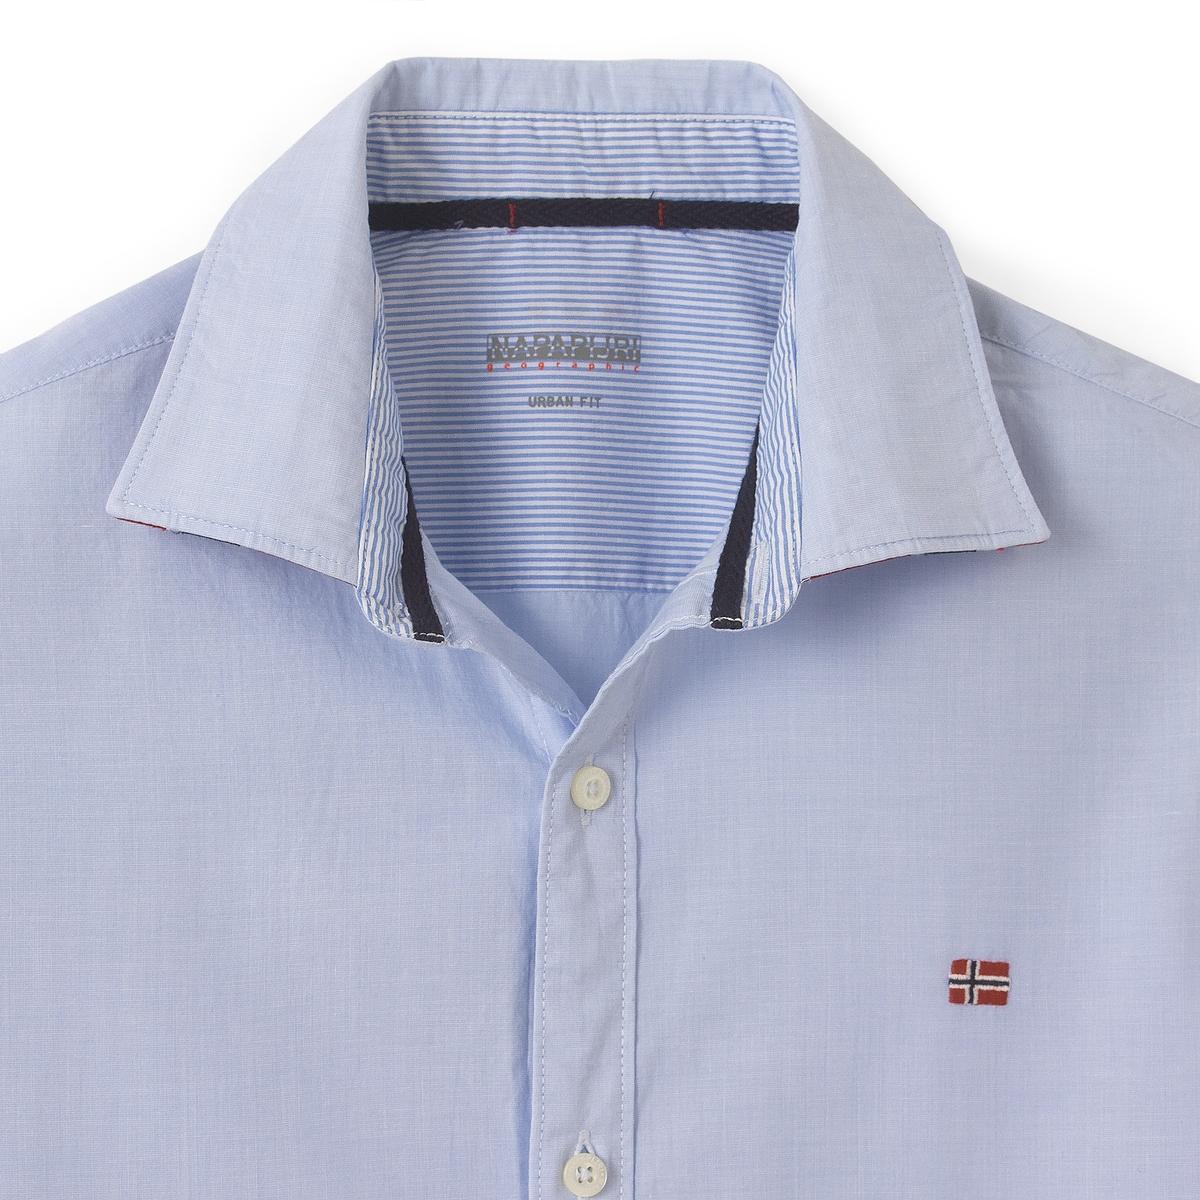 Рубашка Guyamas, воротник с рисункомРубашка GUYAMAS от марки NAPAPIJRI® - Длинные рукава с манжетами на пуговицах- Прямой покрой, слегка закругленный низ- Классический воротник со свободными уголками, с вышивкой- Застежка на пуговицы.- Вставка из ткани в виде флага под воротникомСостав и описание :Основной материал : 100% хлопокМарка : NAPAPIJRI®Уход за изделием:Следуйте рекомендациям, указанным на этикетке изделия.<br><br>Цвет: небесно-голубой<br>Размер: XL.L